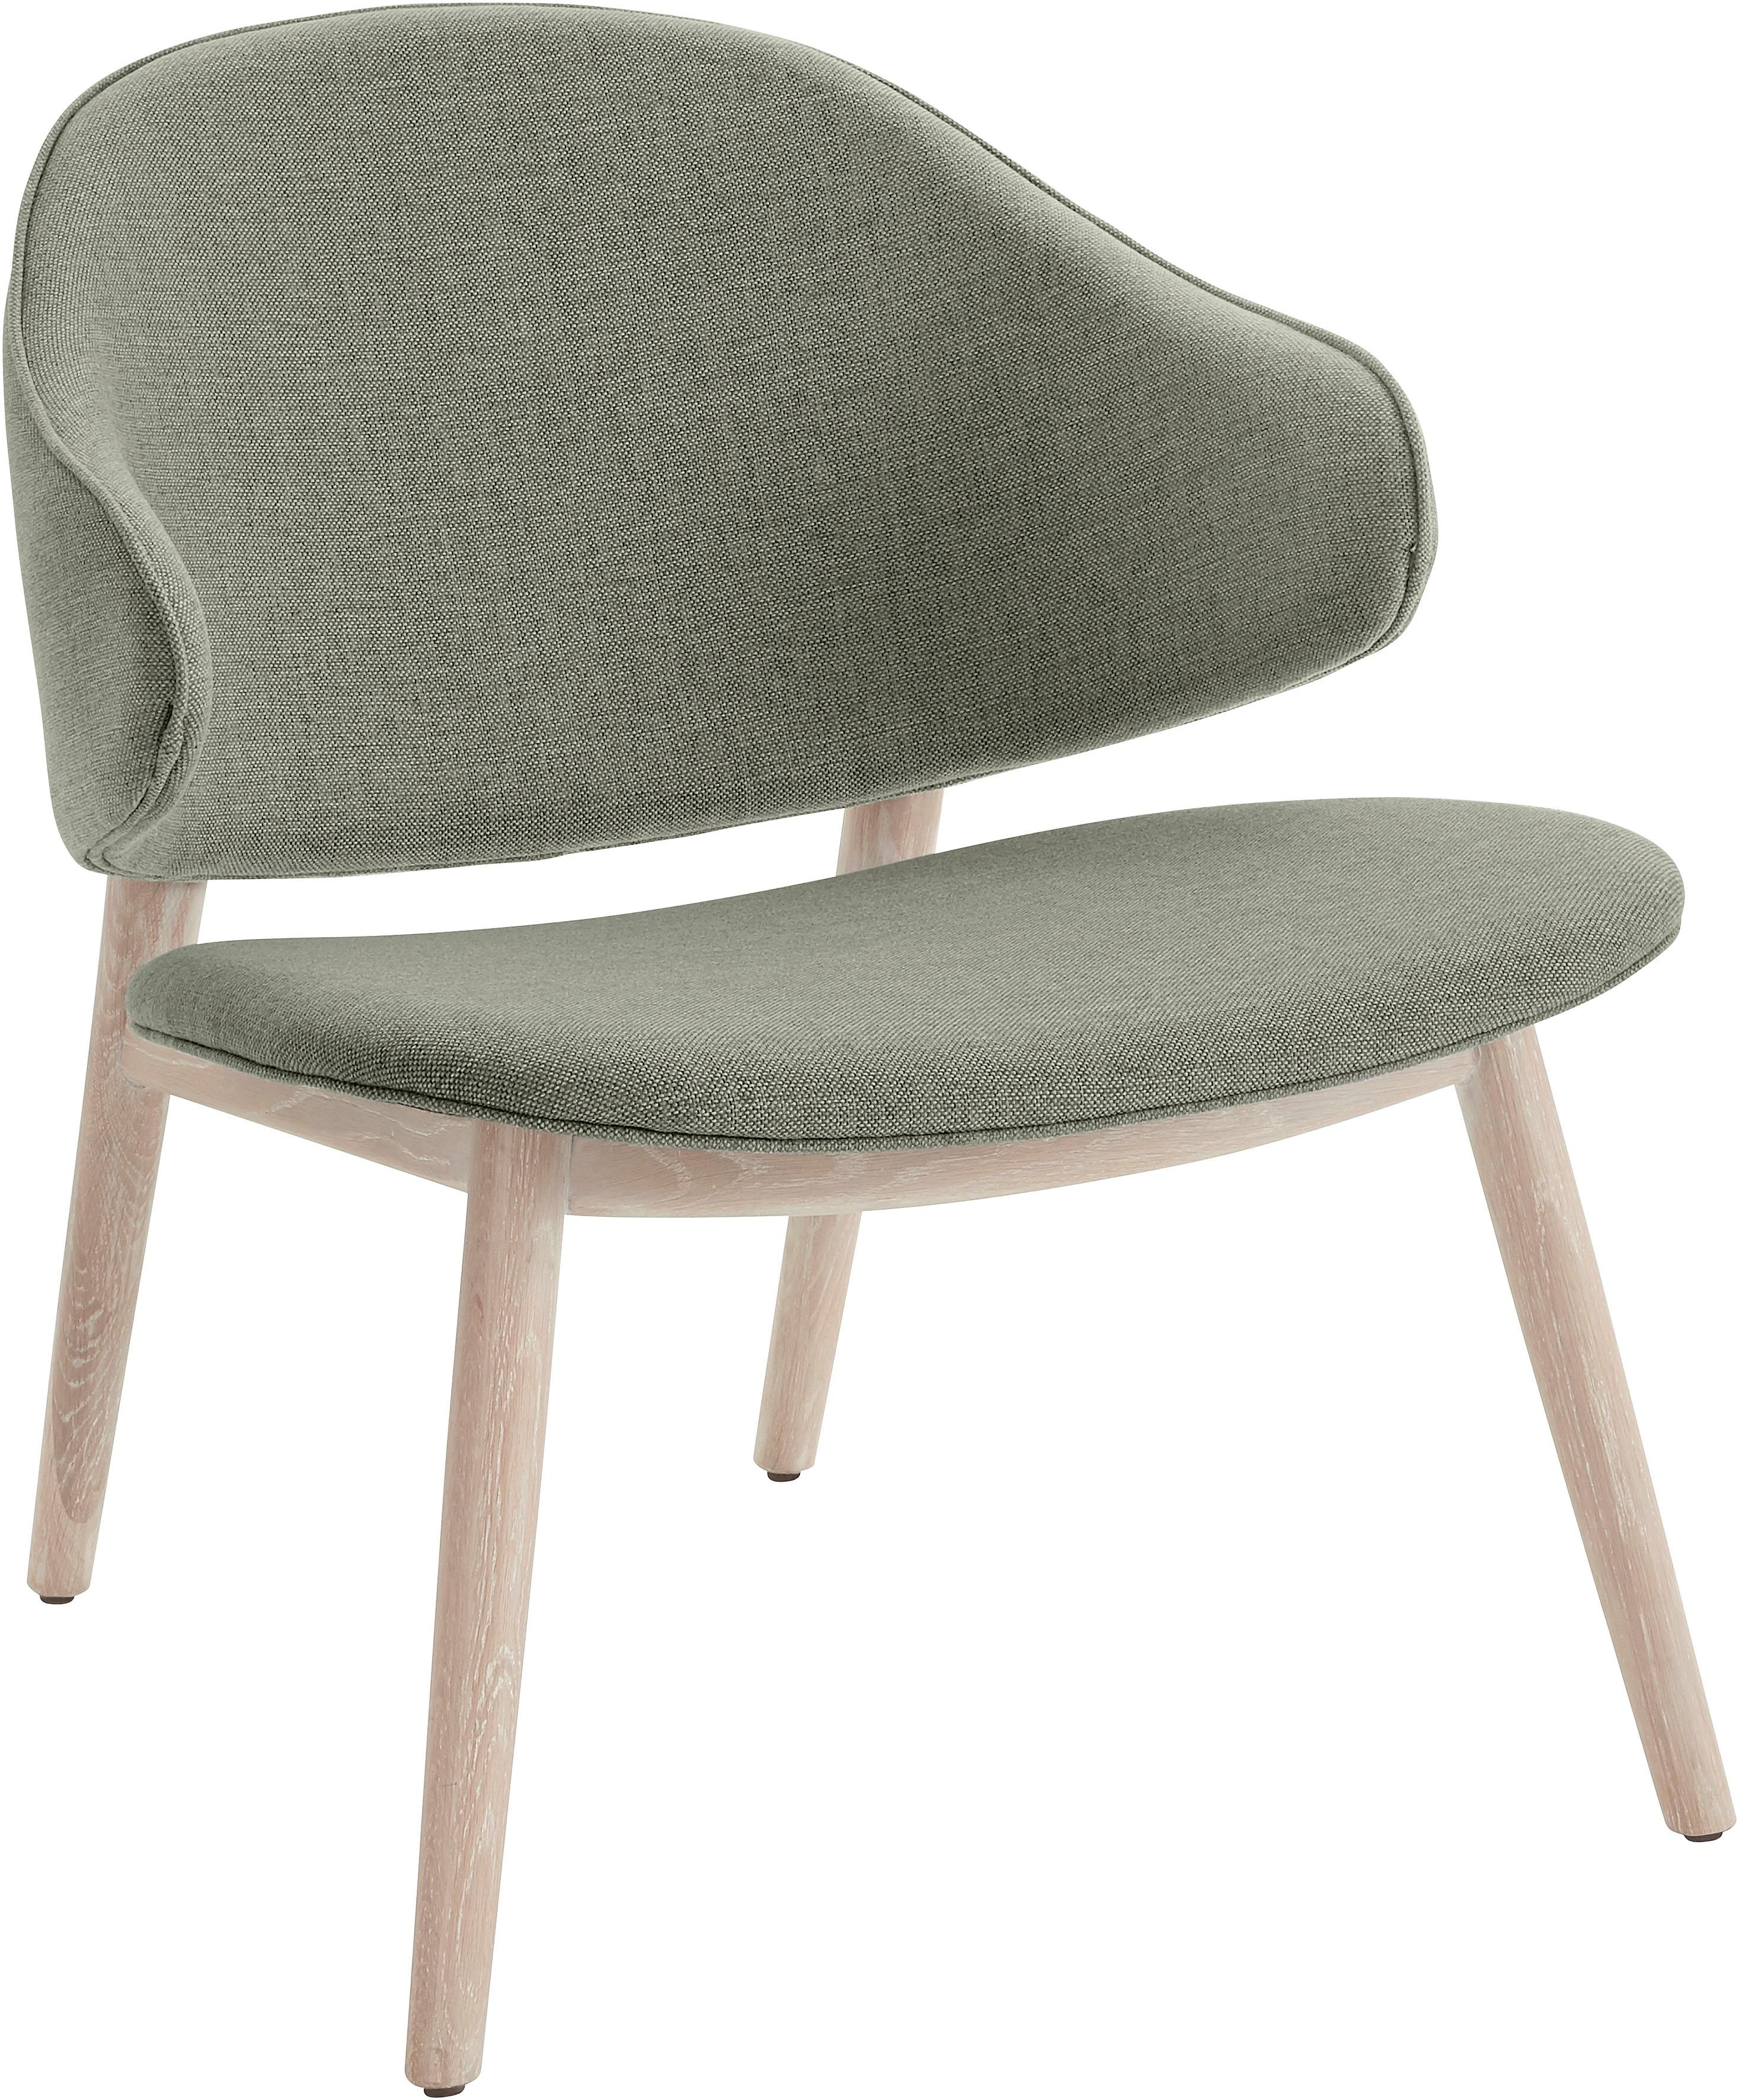 andas Sessel »Sporring« mit Beingestell aus massivem Eschenholz, Design by Morten Georgsen